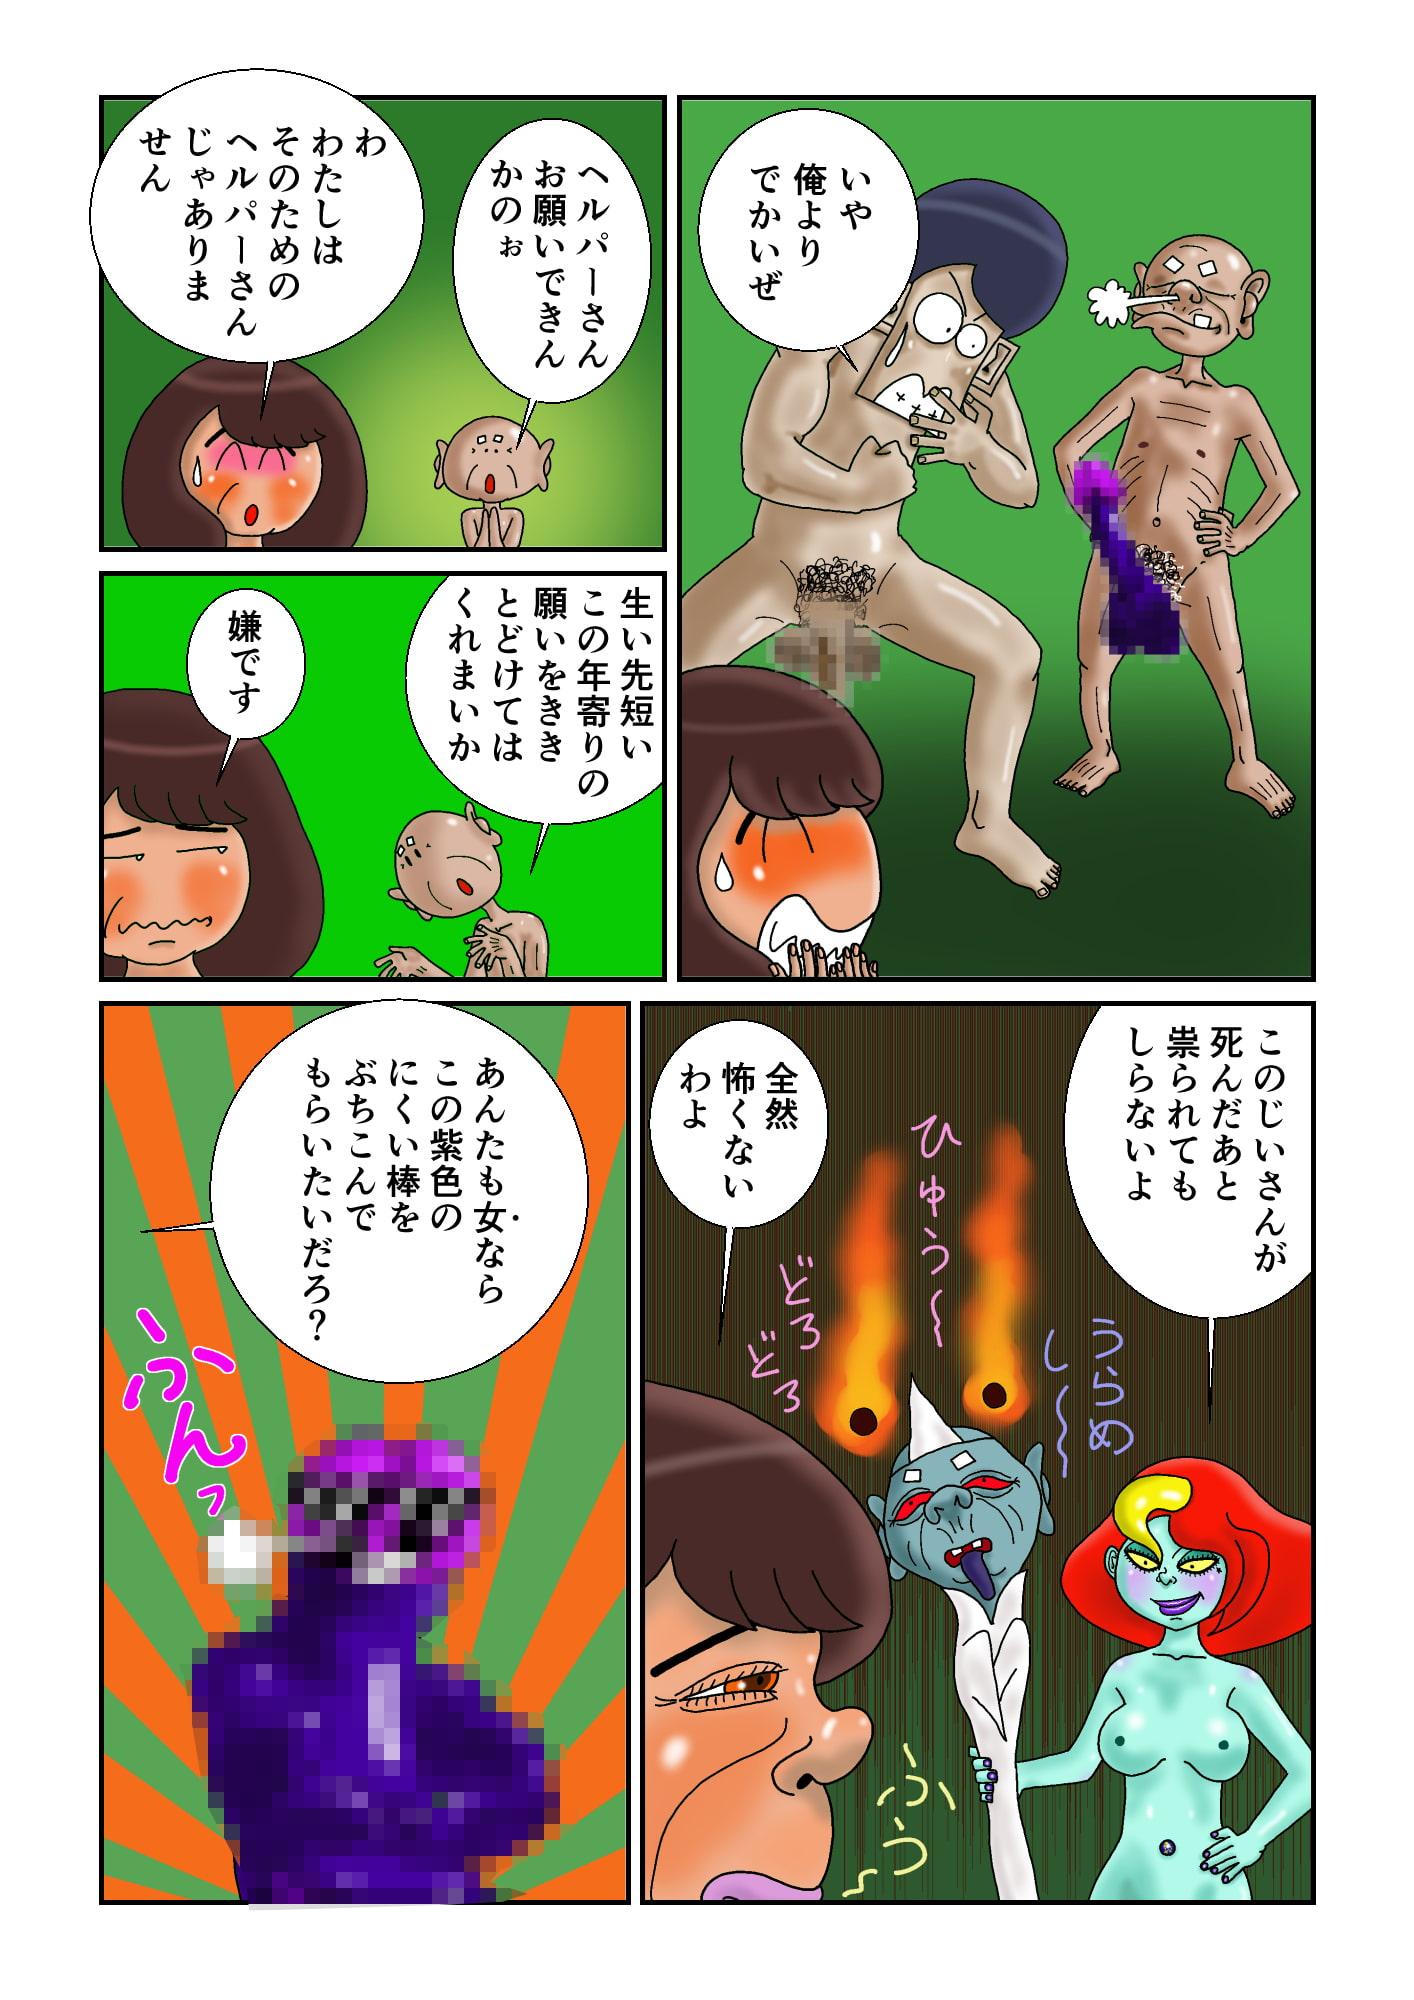 女神の力で紫色のにくい棒になったち○こでヘルパーさんを犯すじーさんの話